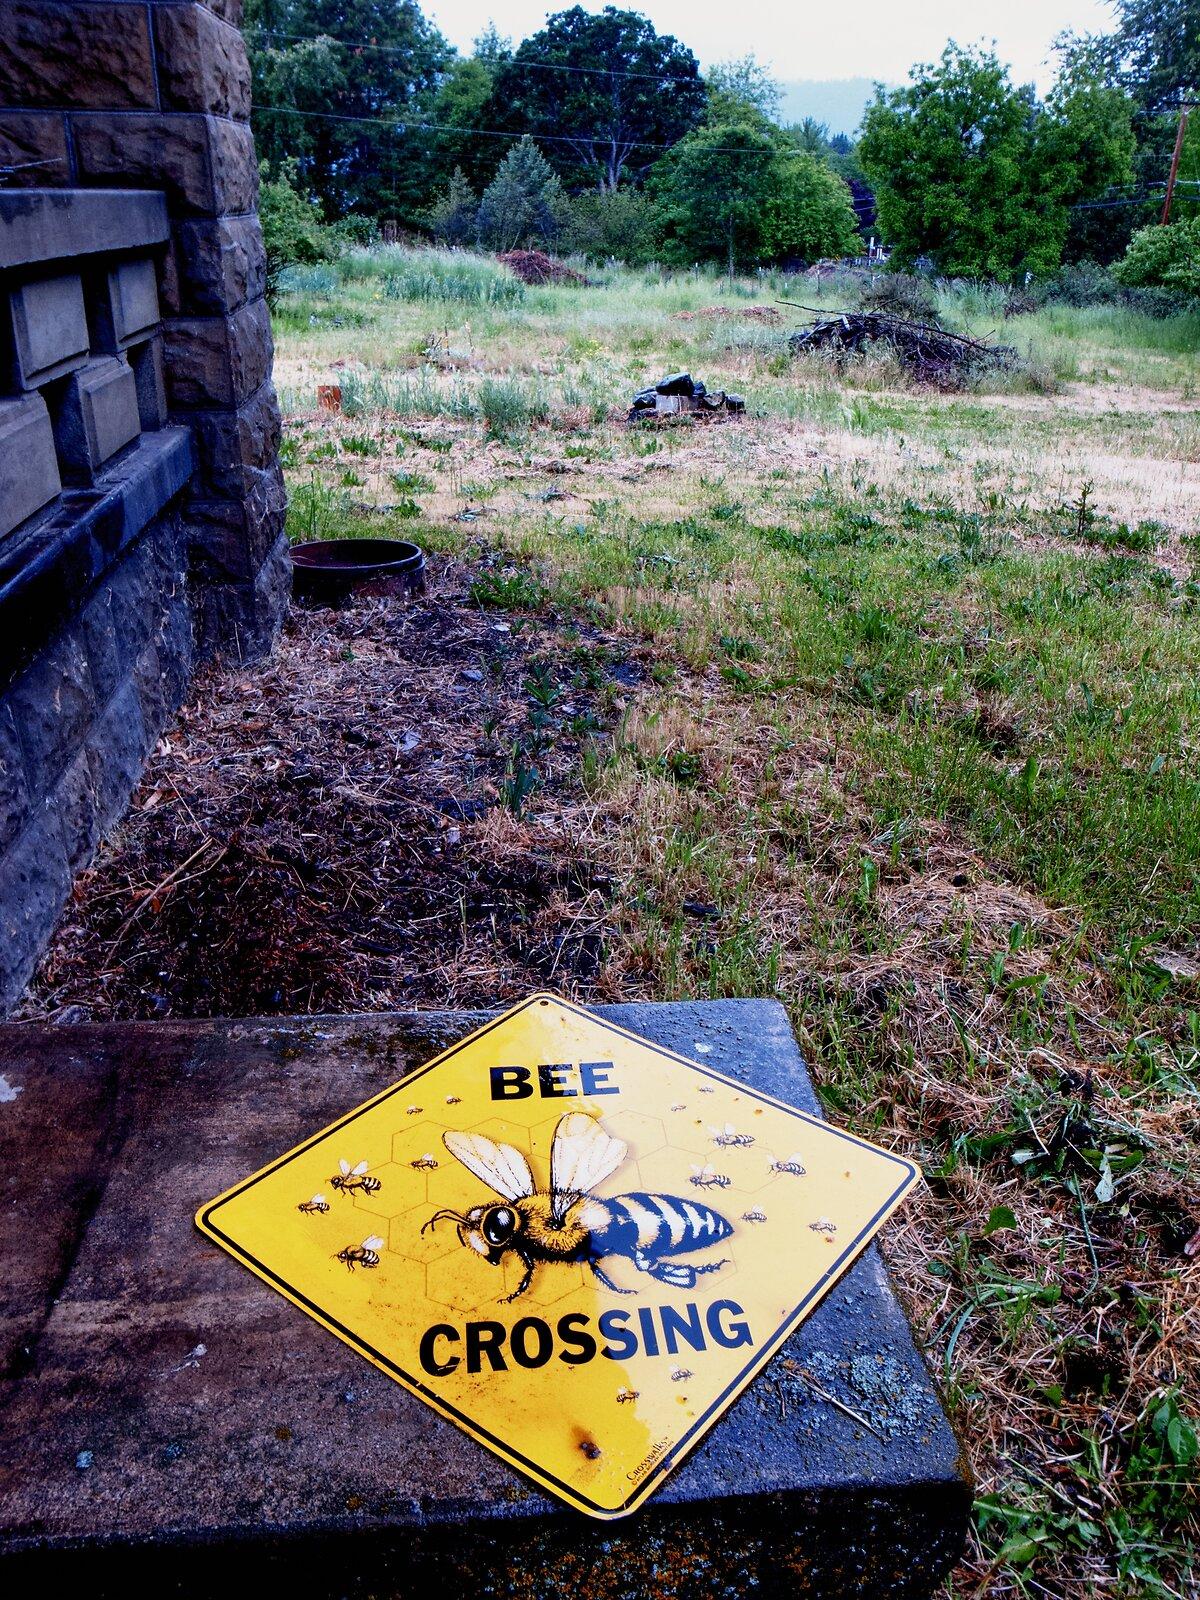 GRD_May17_Bee_Crossing.jpg